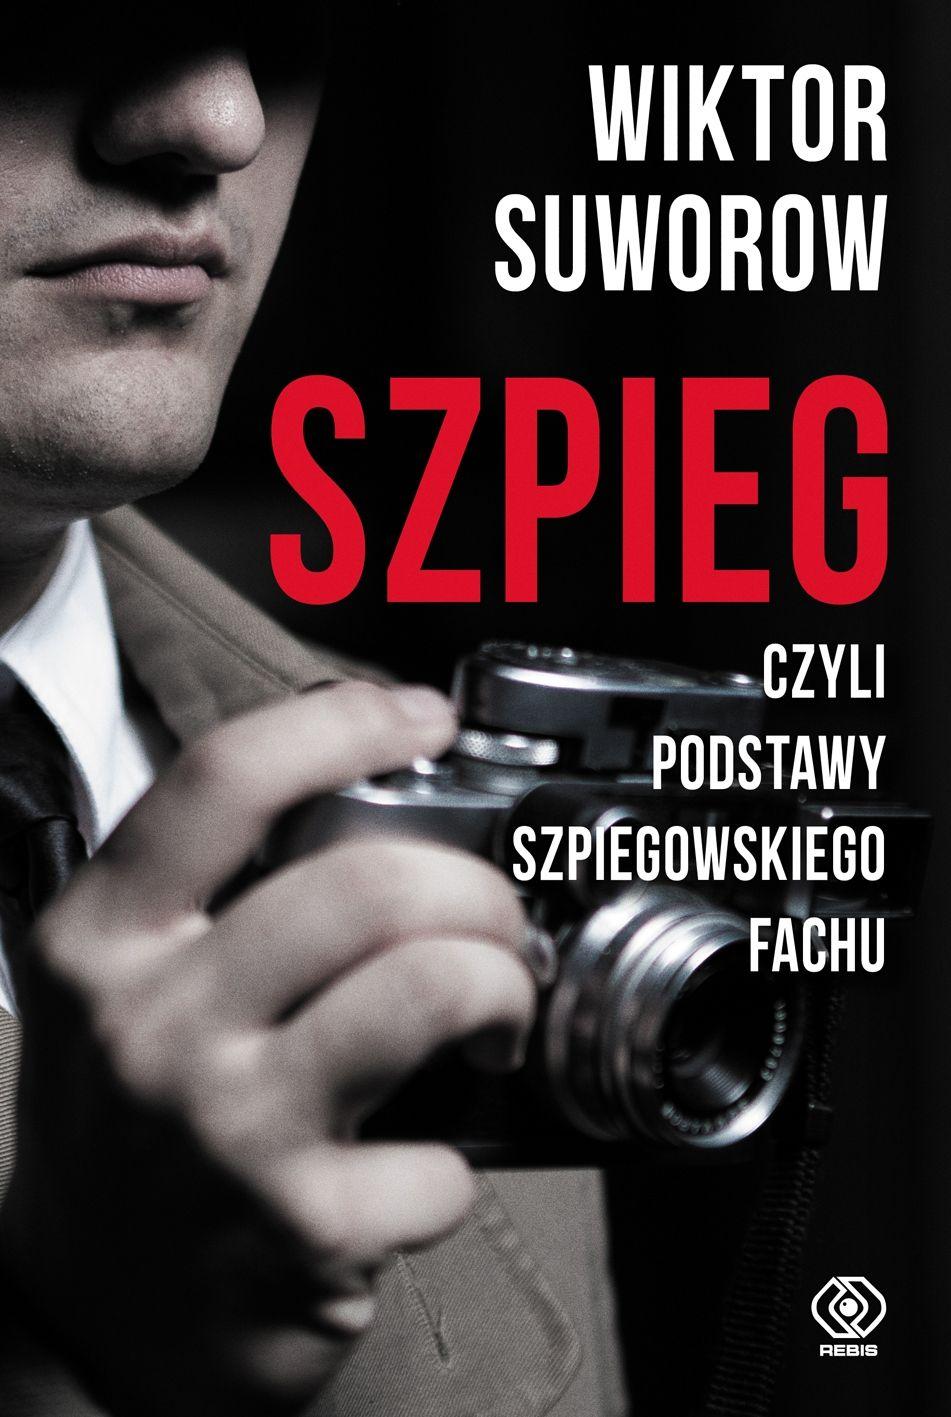 Kup już dzisiaj swój egzemplarz najnowszej książki Wiktora Suworowa na empik.com.